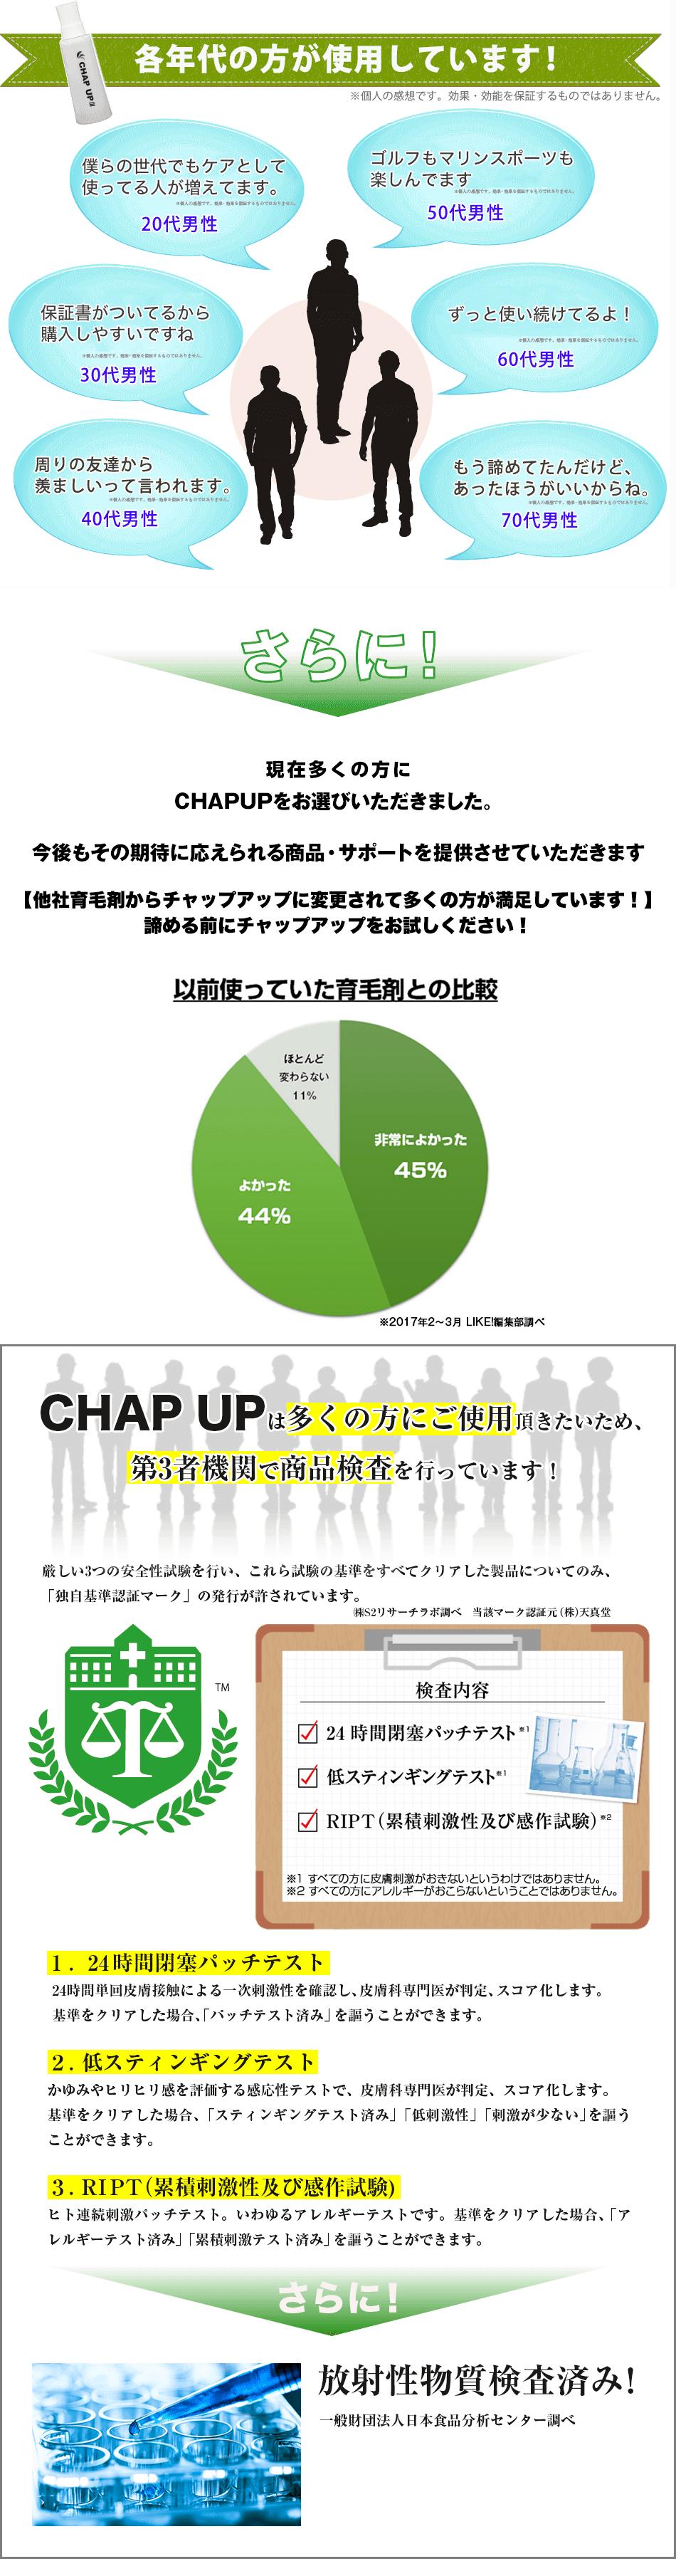 チャップアップ(CHAP UP)yahooショピングで1位を獲得